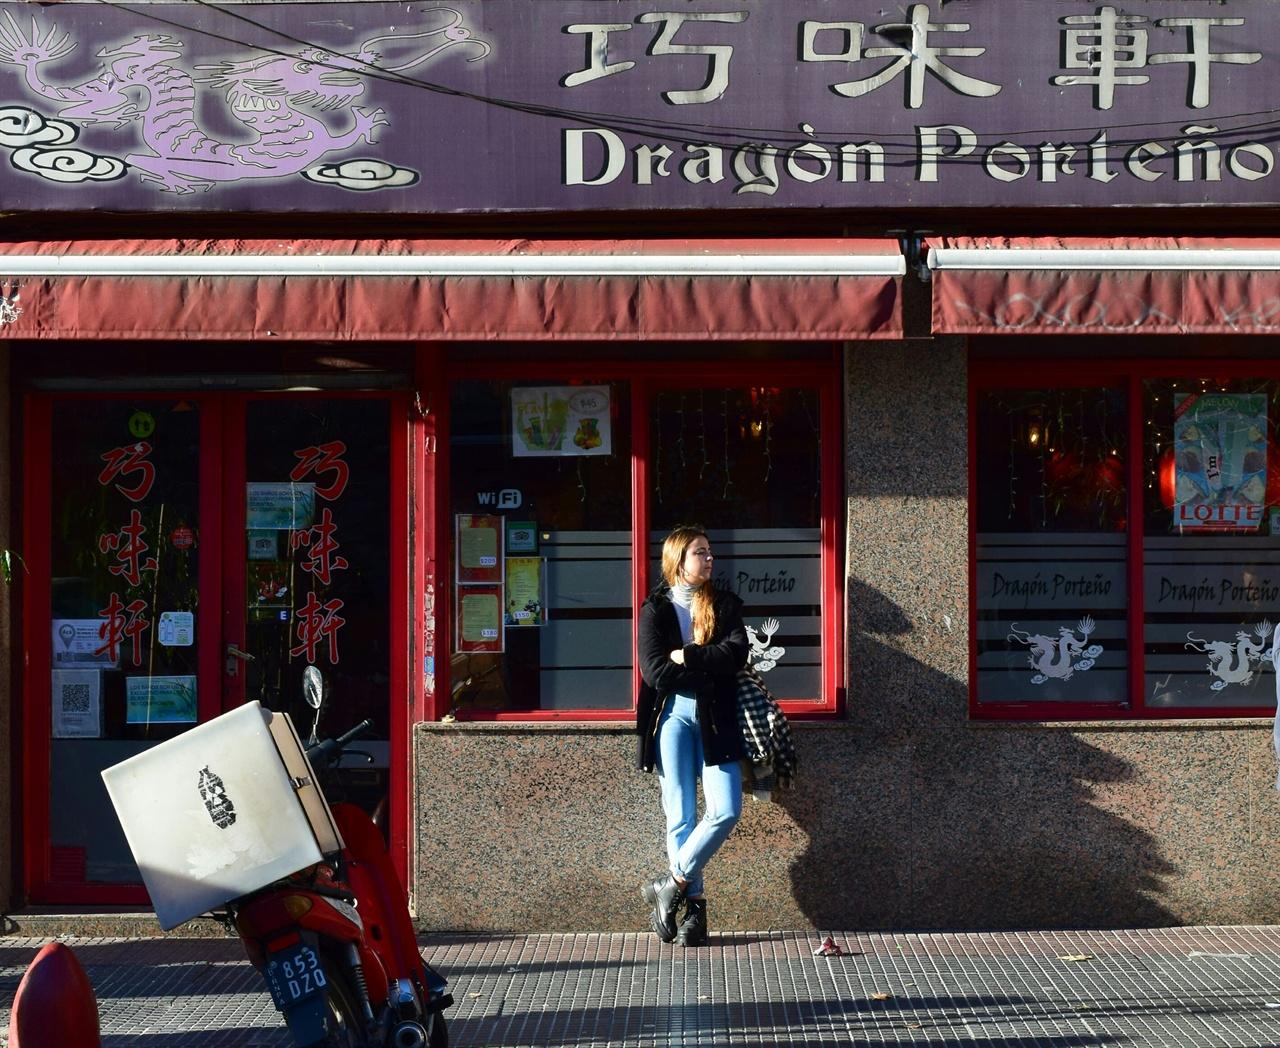 중국의 상징적인 동물  '드래곤(용)'과 수도 거주민을 뜻하는 '뽀르테뇨(Porteno)'가 만나 한 식당의 이름이 되어있다.